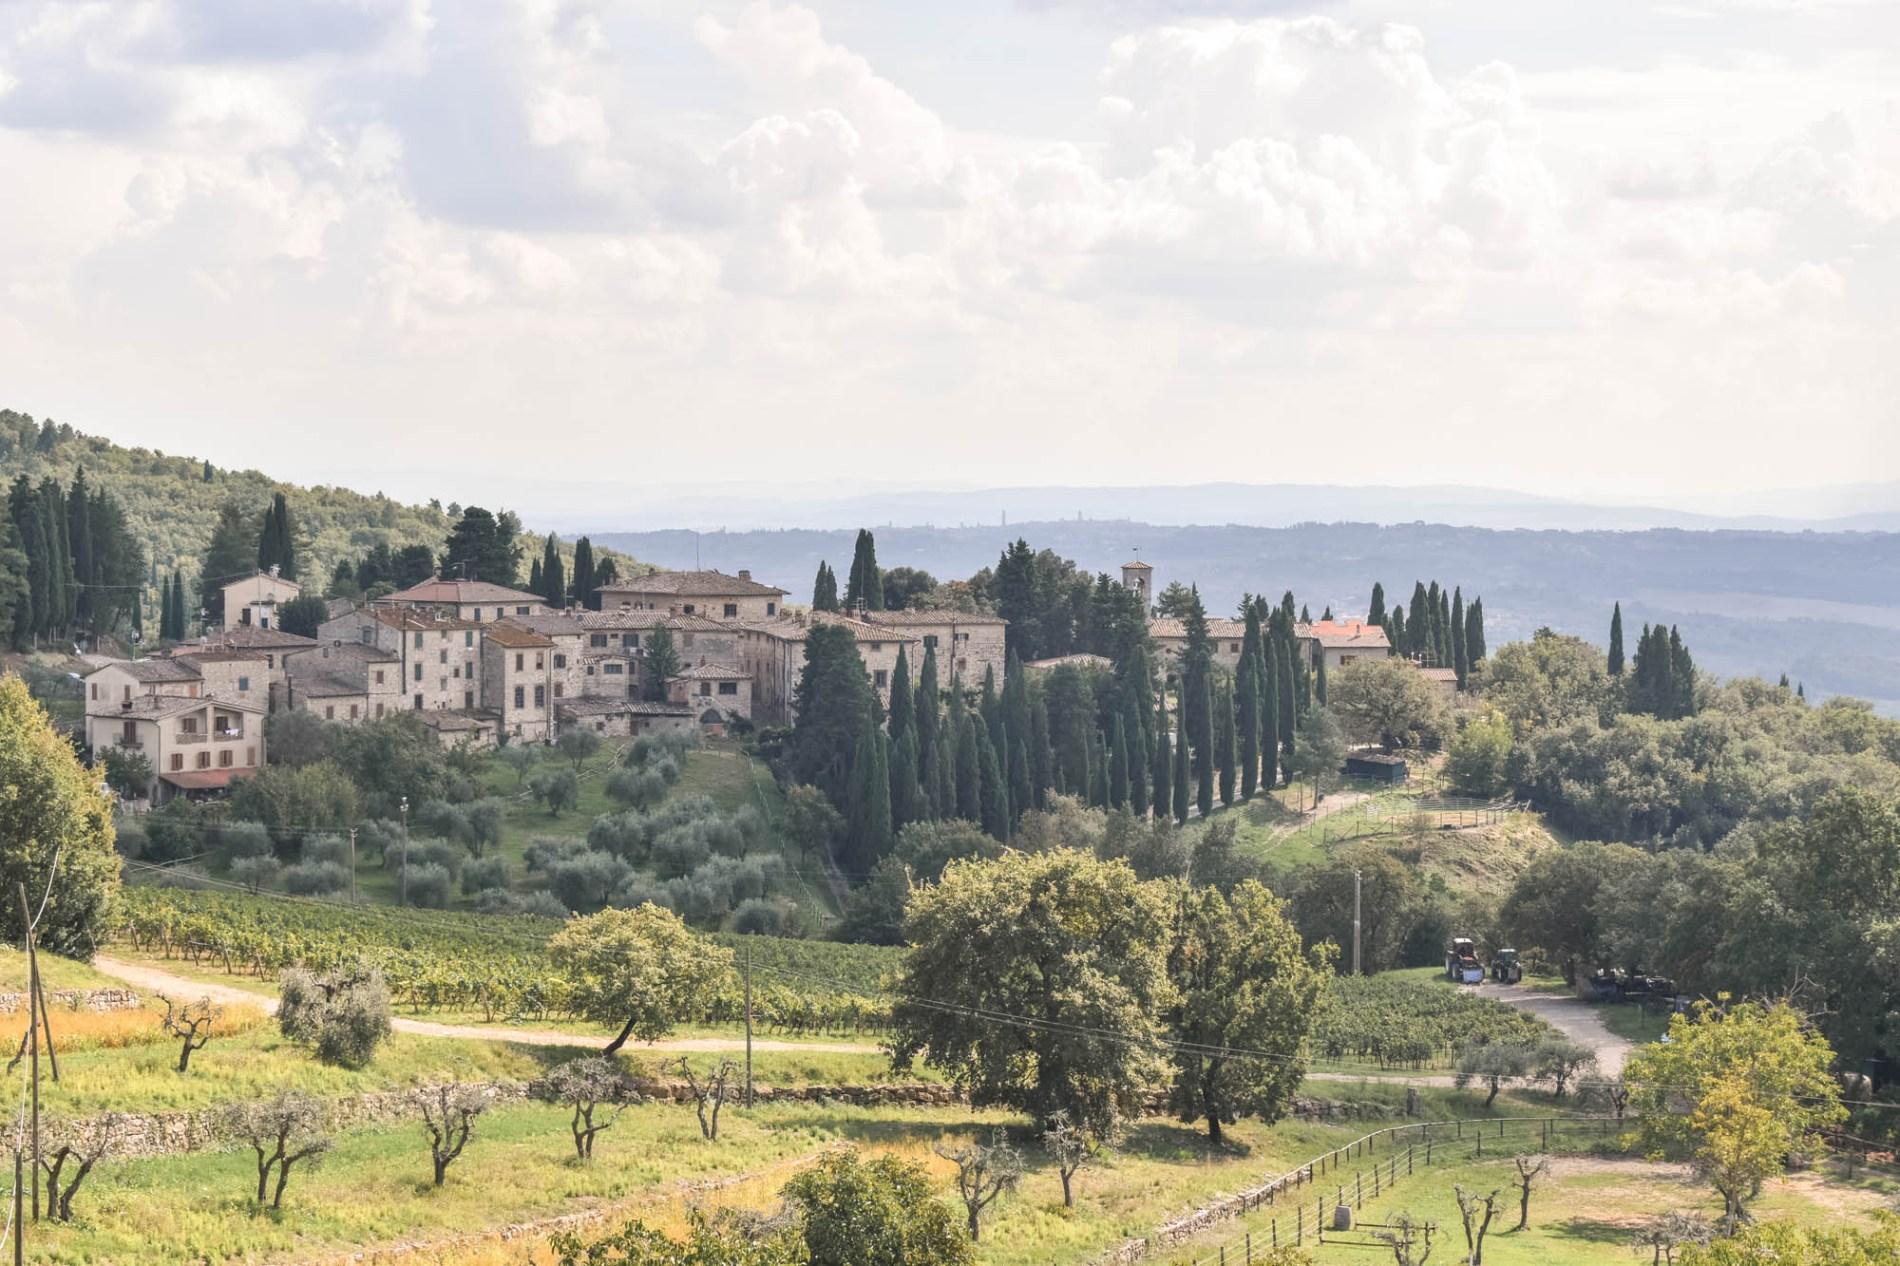 roteiro de viagem na Toscana na Itália em 5, 7, 10 e 12 dias.